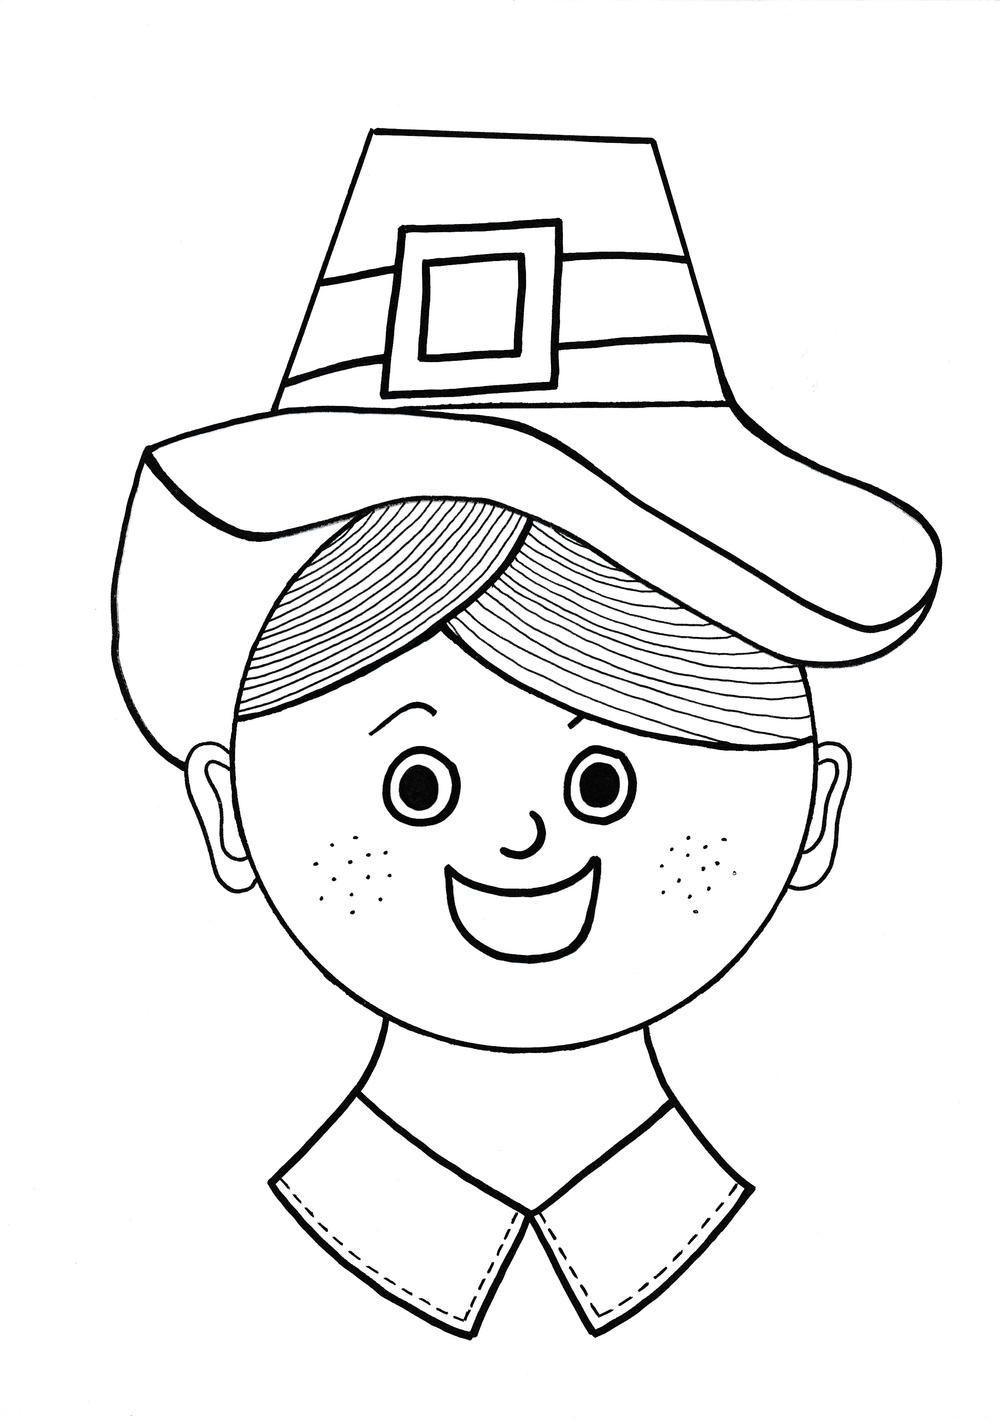 Thanksgiving Pilgrim Coloring Page | Pilgrim, Thanksgiving and Craft